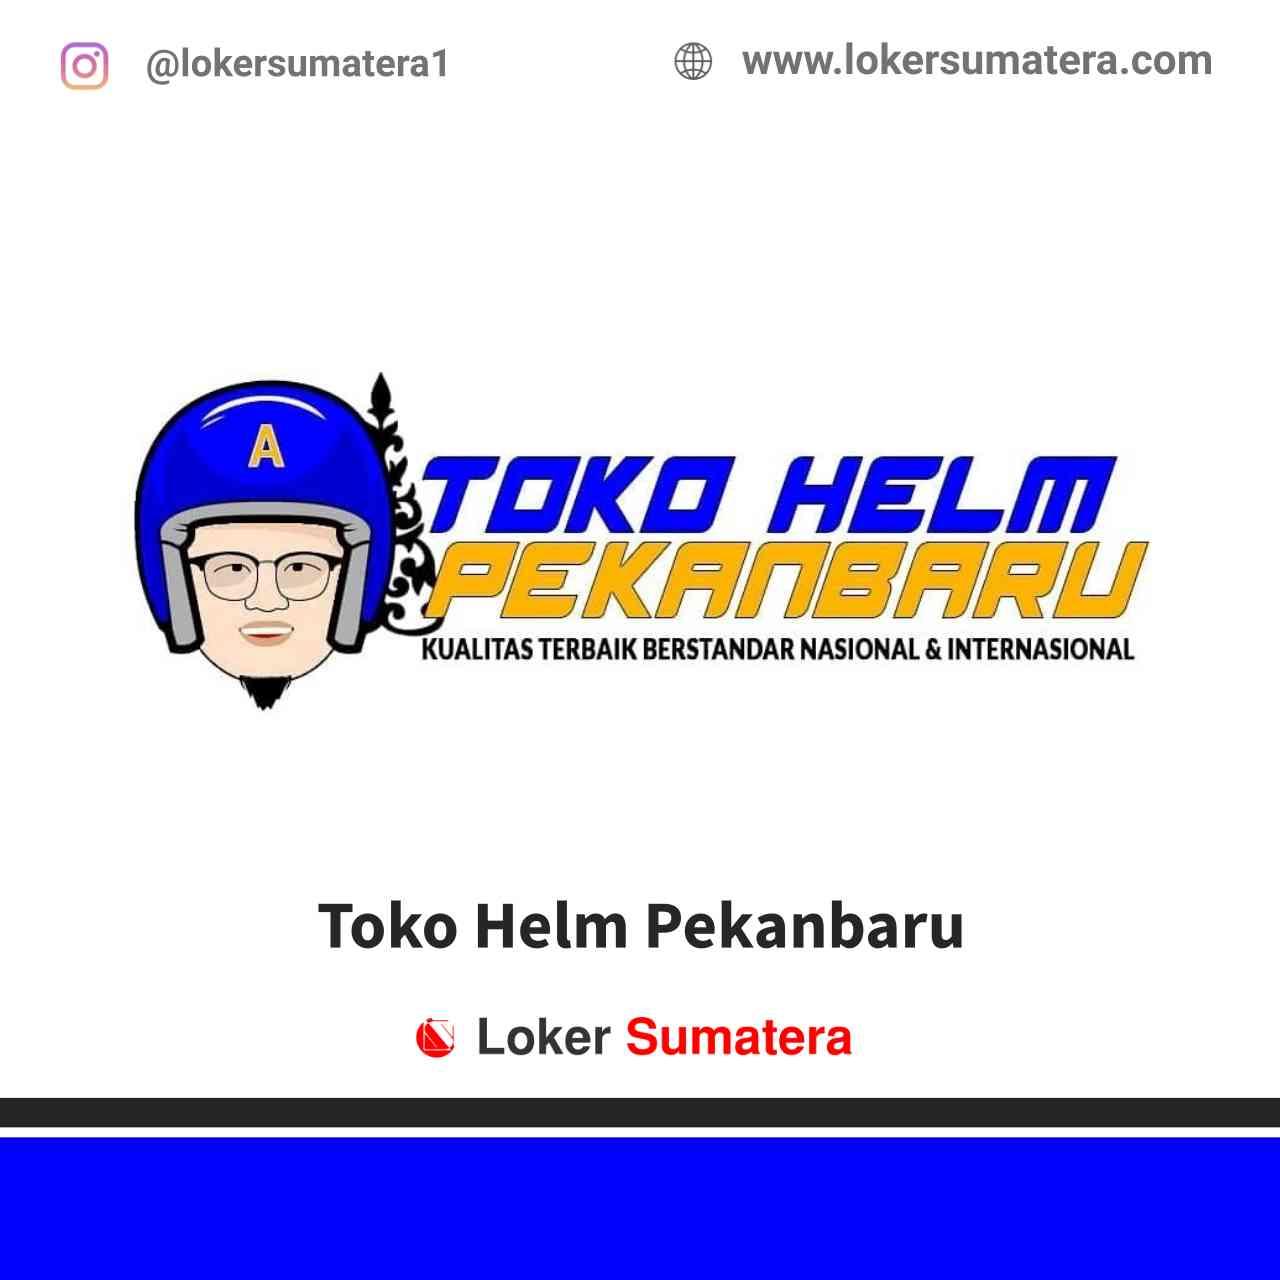 Toko Helm Pekanbaru